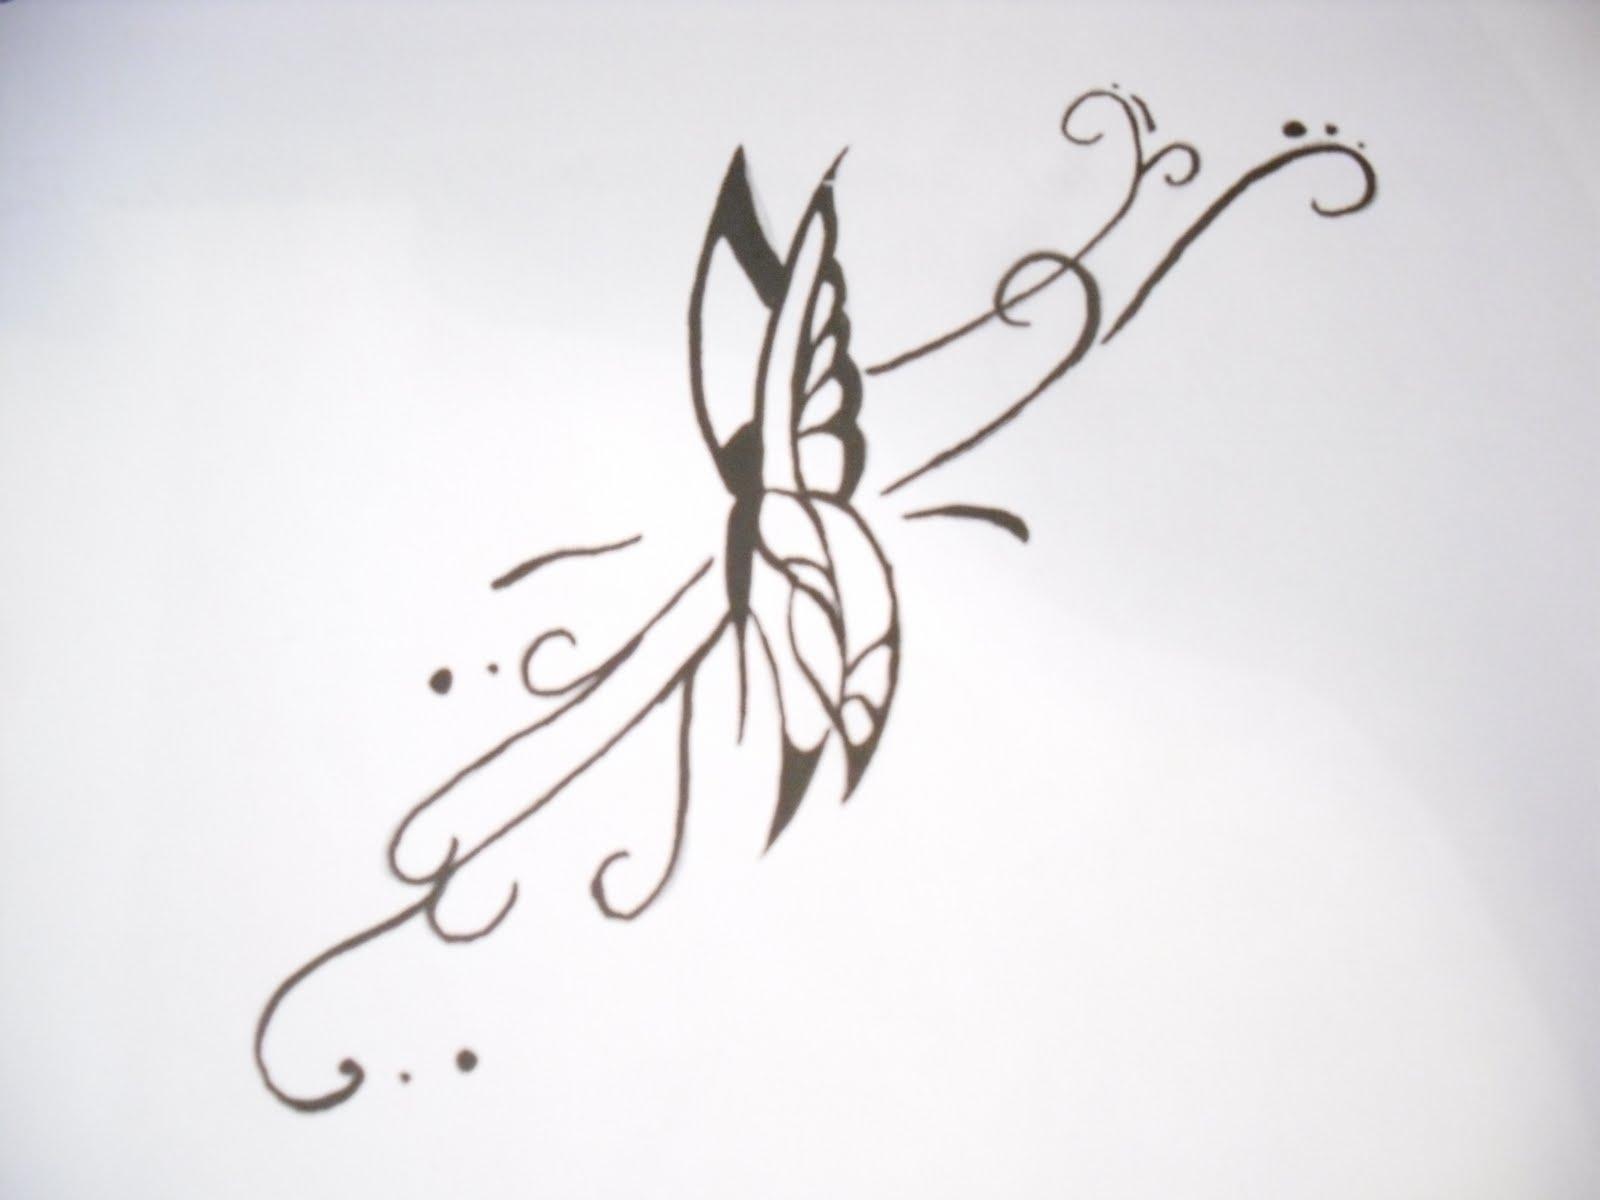 Tatouage Carpe Diem Signification - Pourquoi opter pour un tatouage carpe diem ?